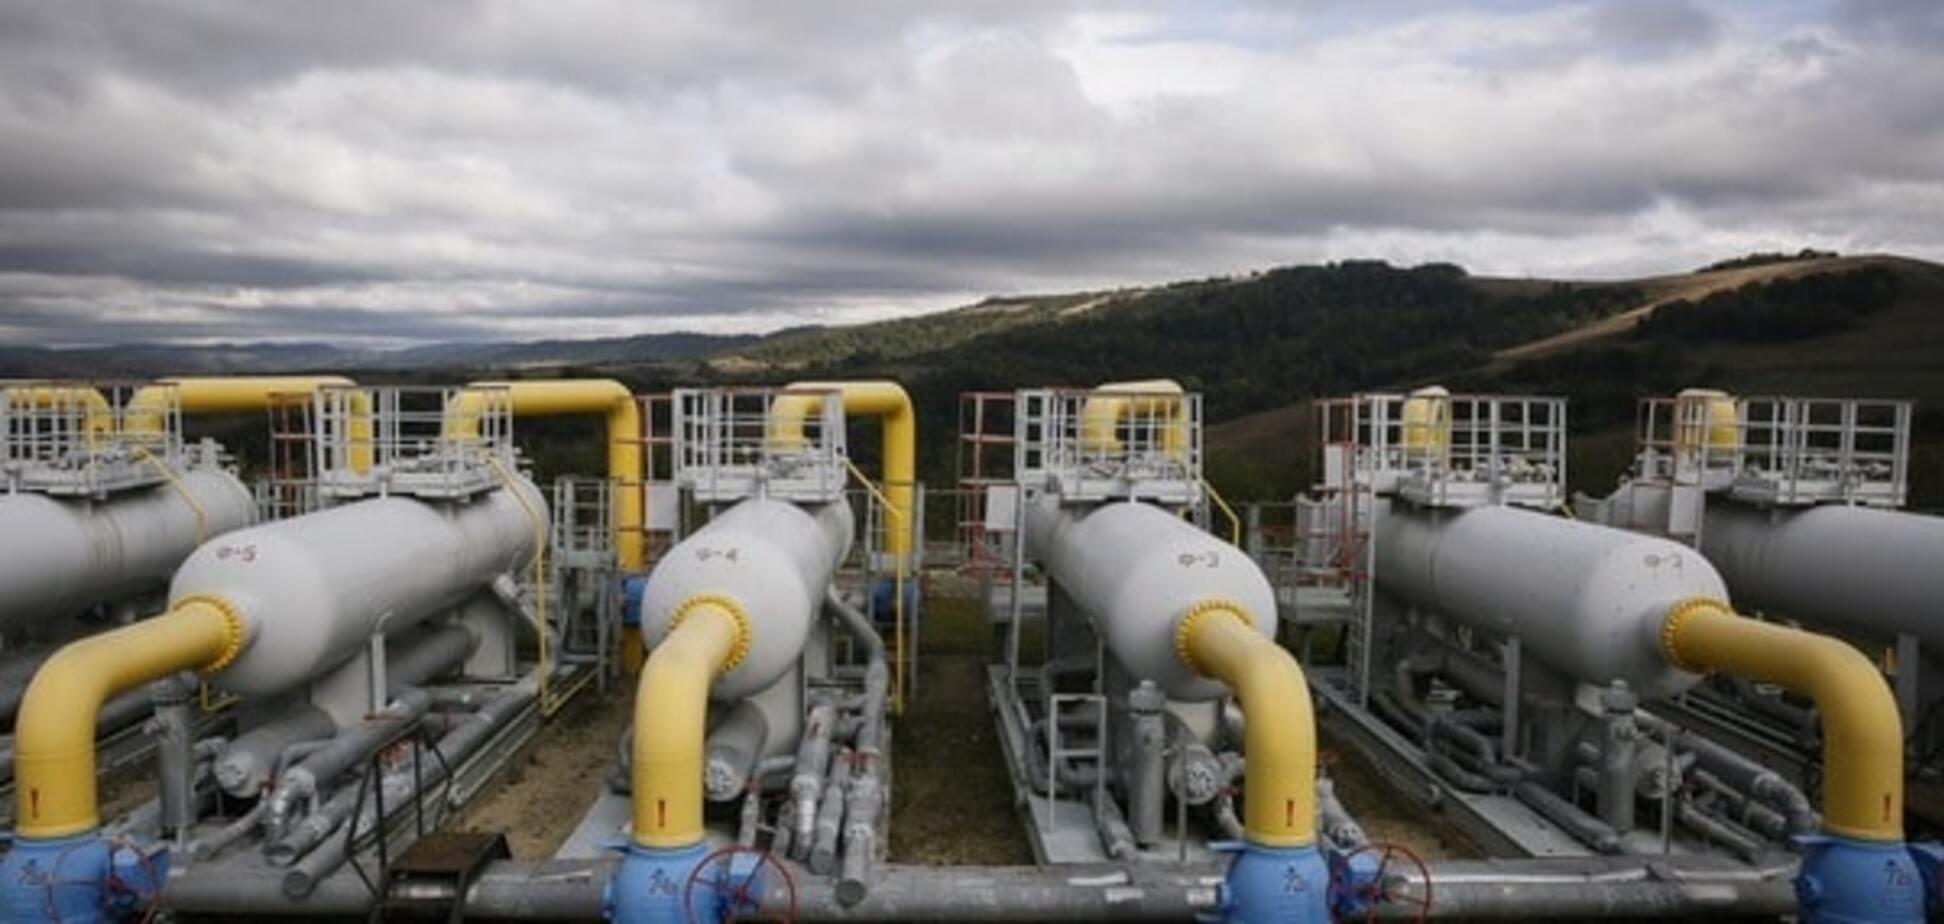 Україна зупинить реверс газу з ЄС